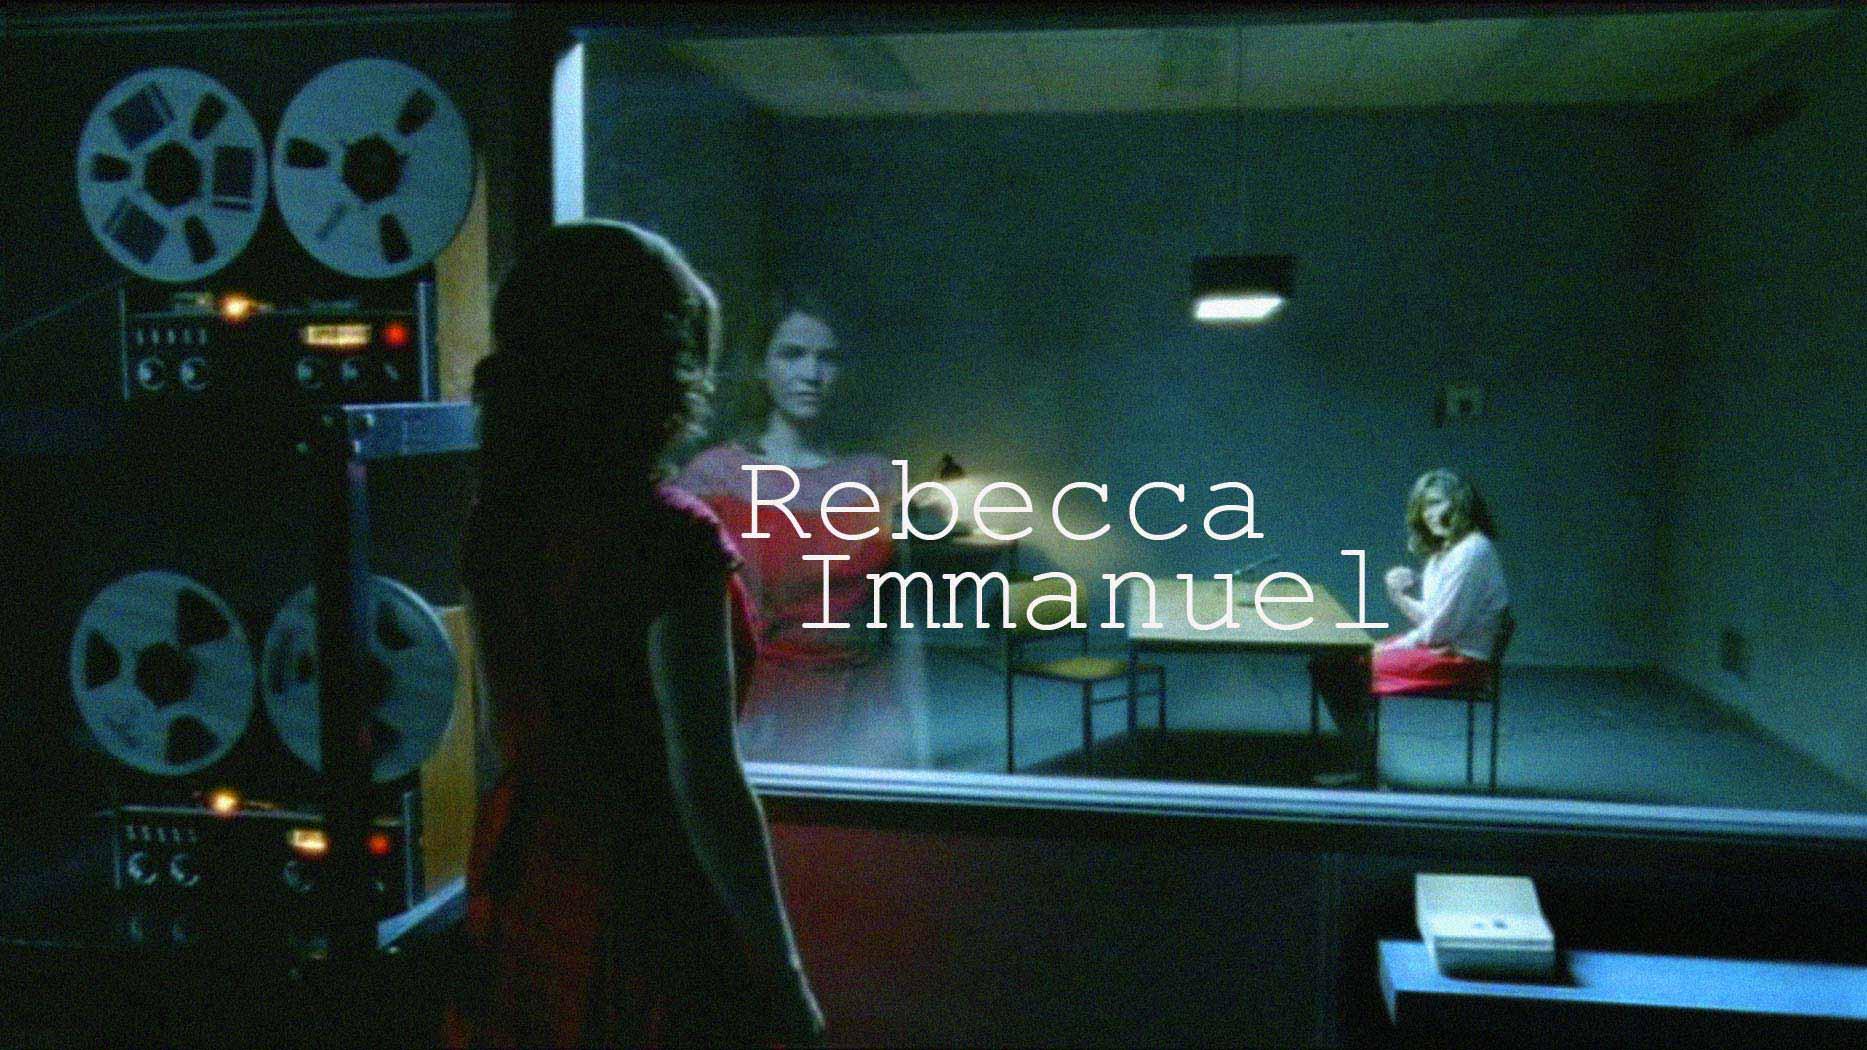 Rebecca Immanuel Schauspielerin Actress Offizielle